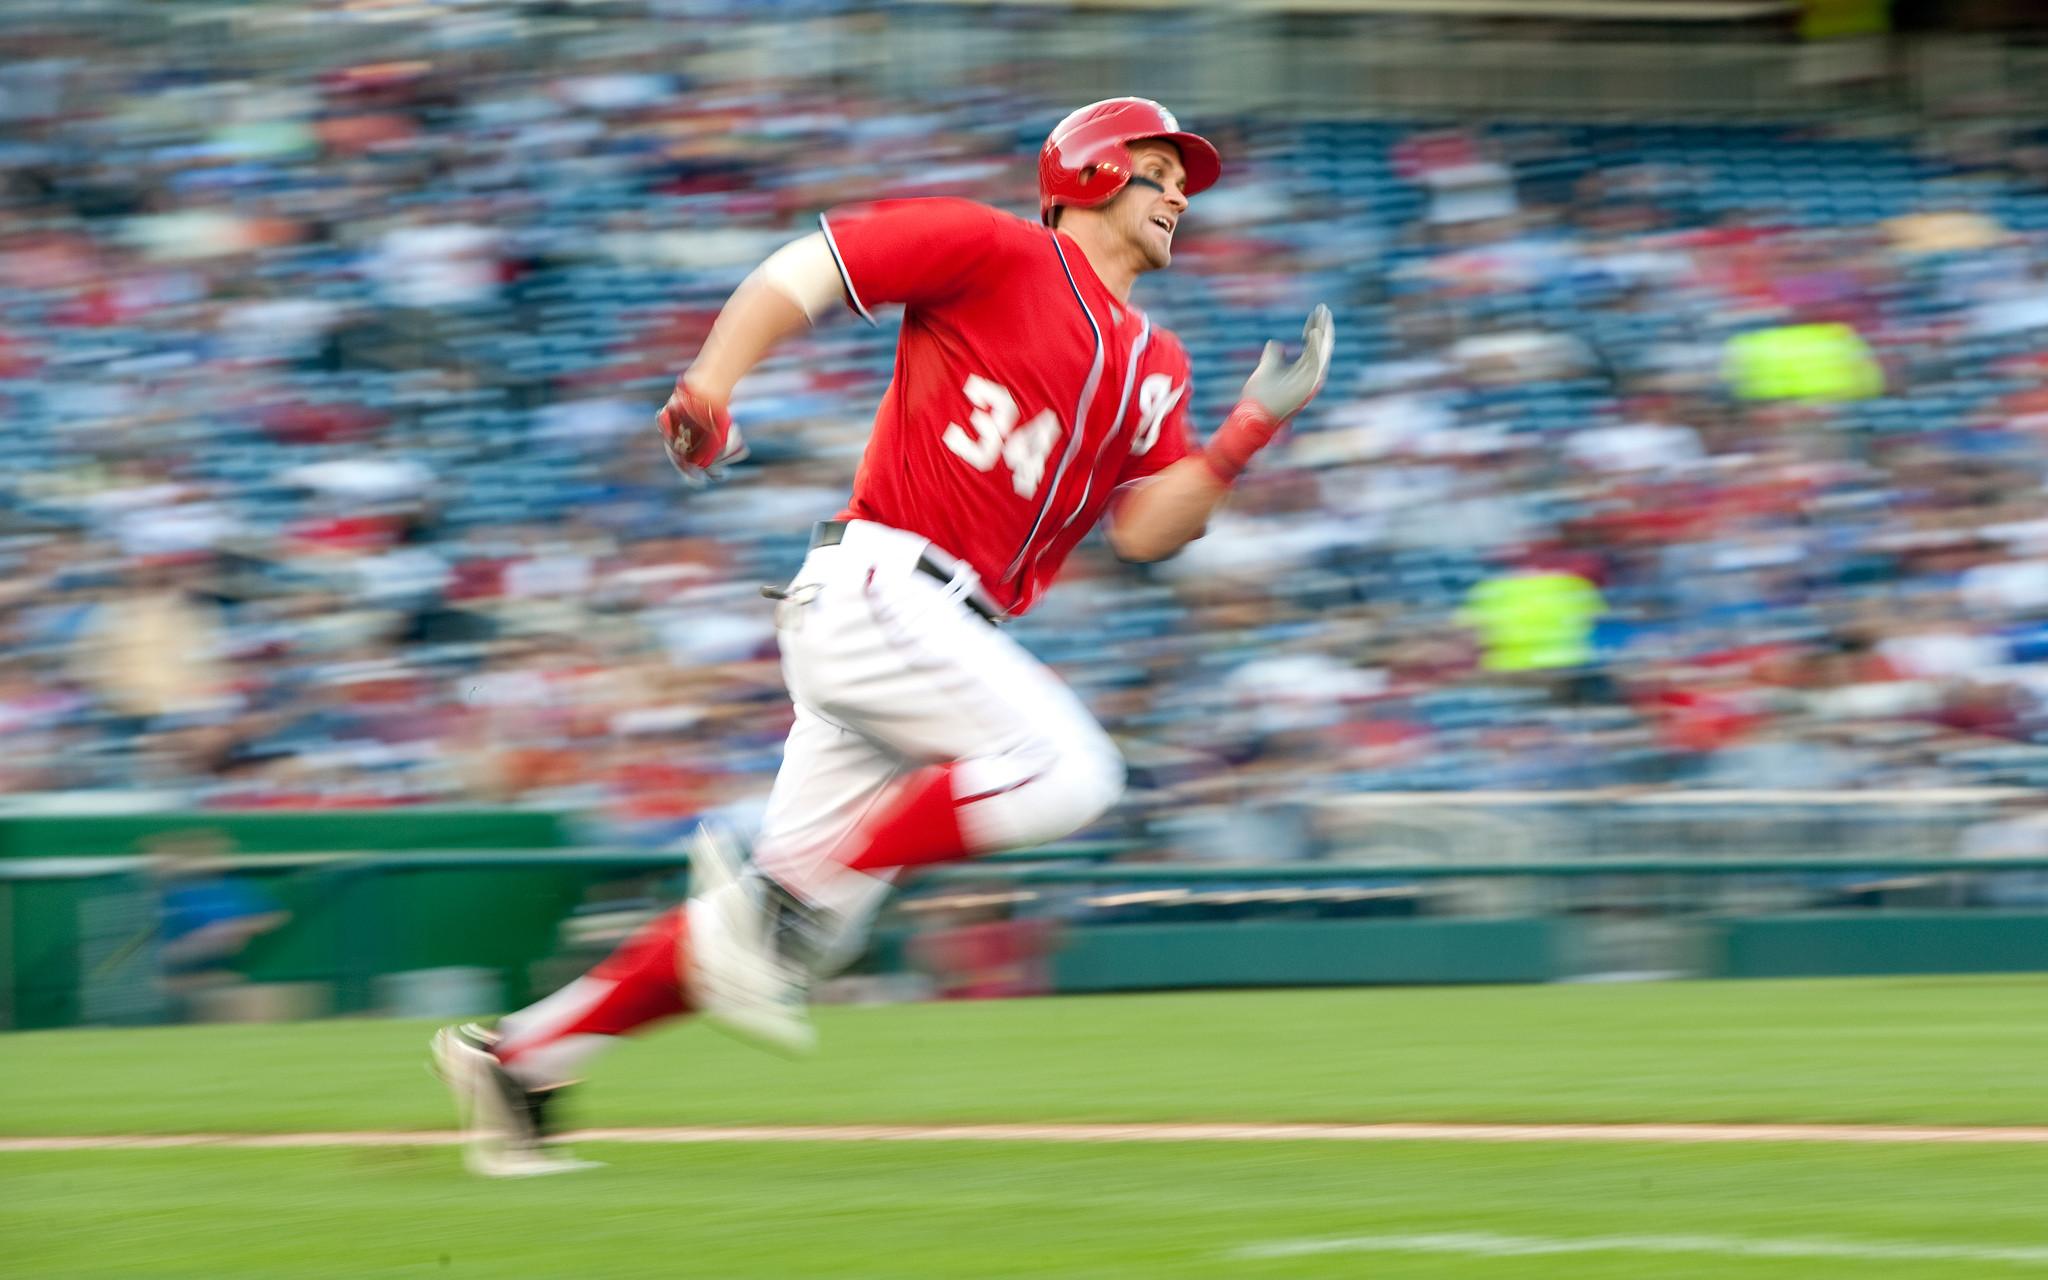 WASHINGTON NATIONALS mlb baseball wallpaper 2048×1280 Nationals Wallpapers  (28 Wallpapers) | Adorable